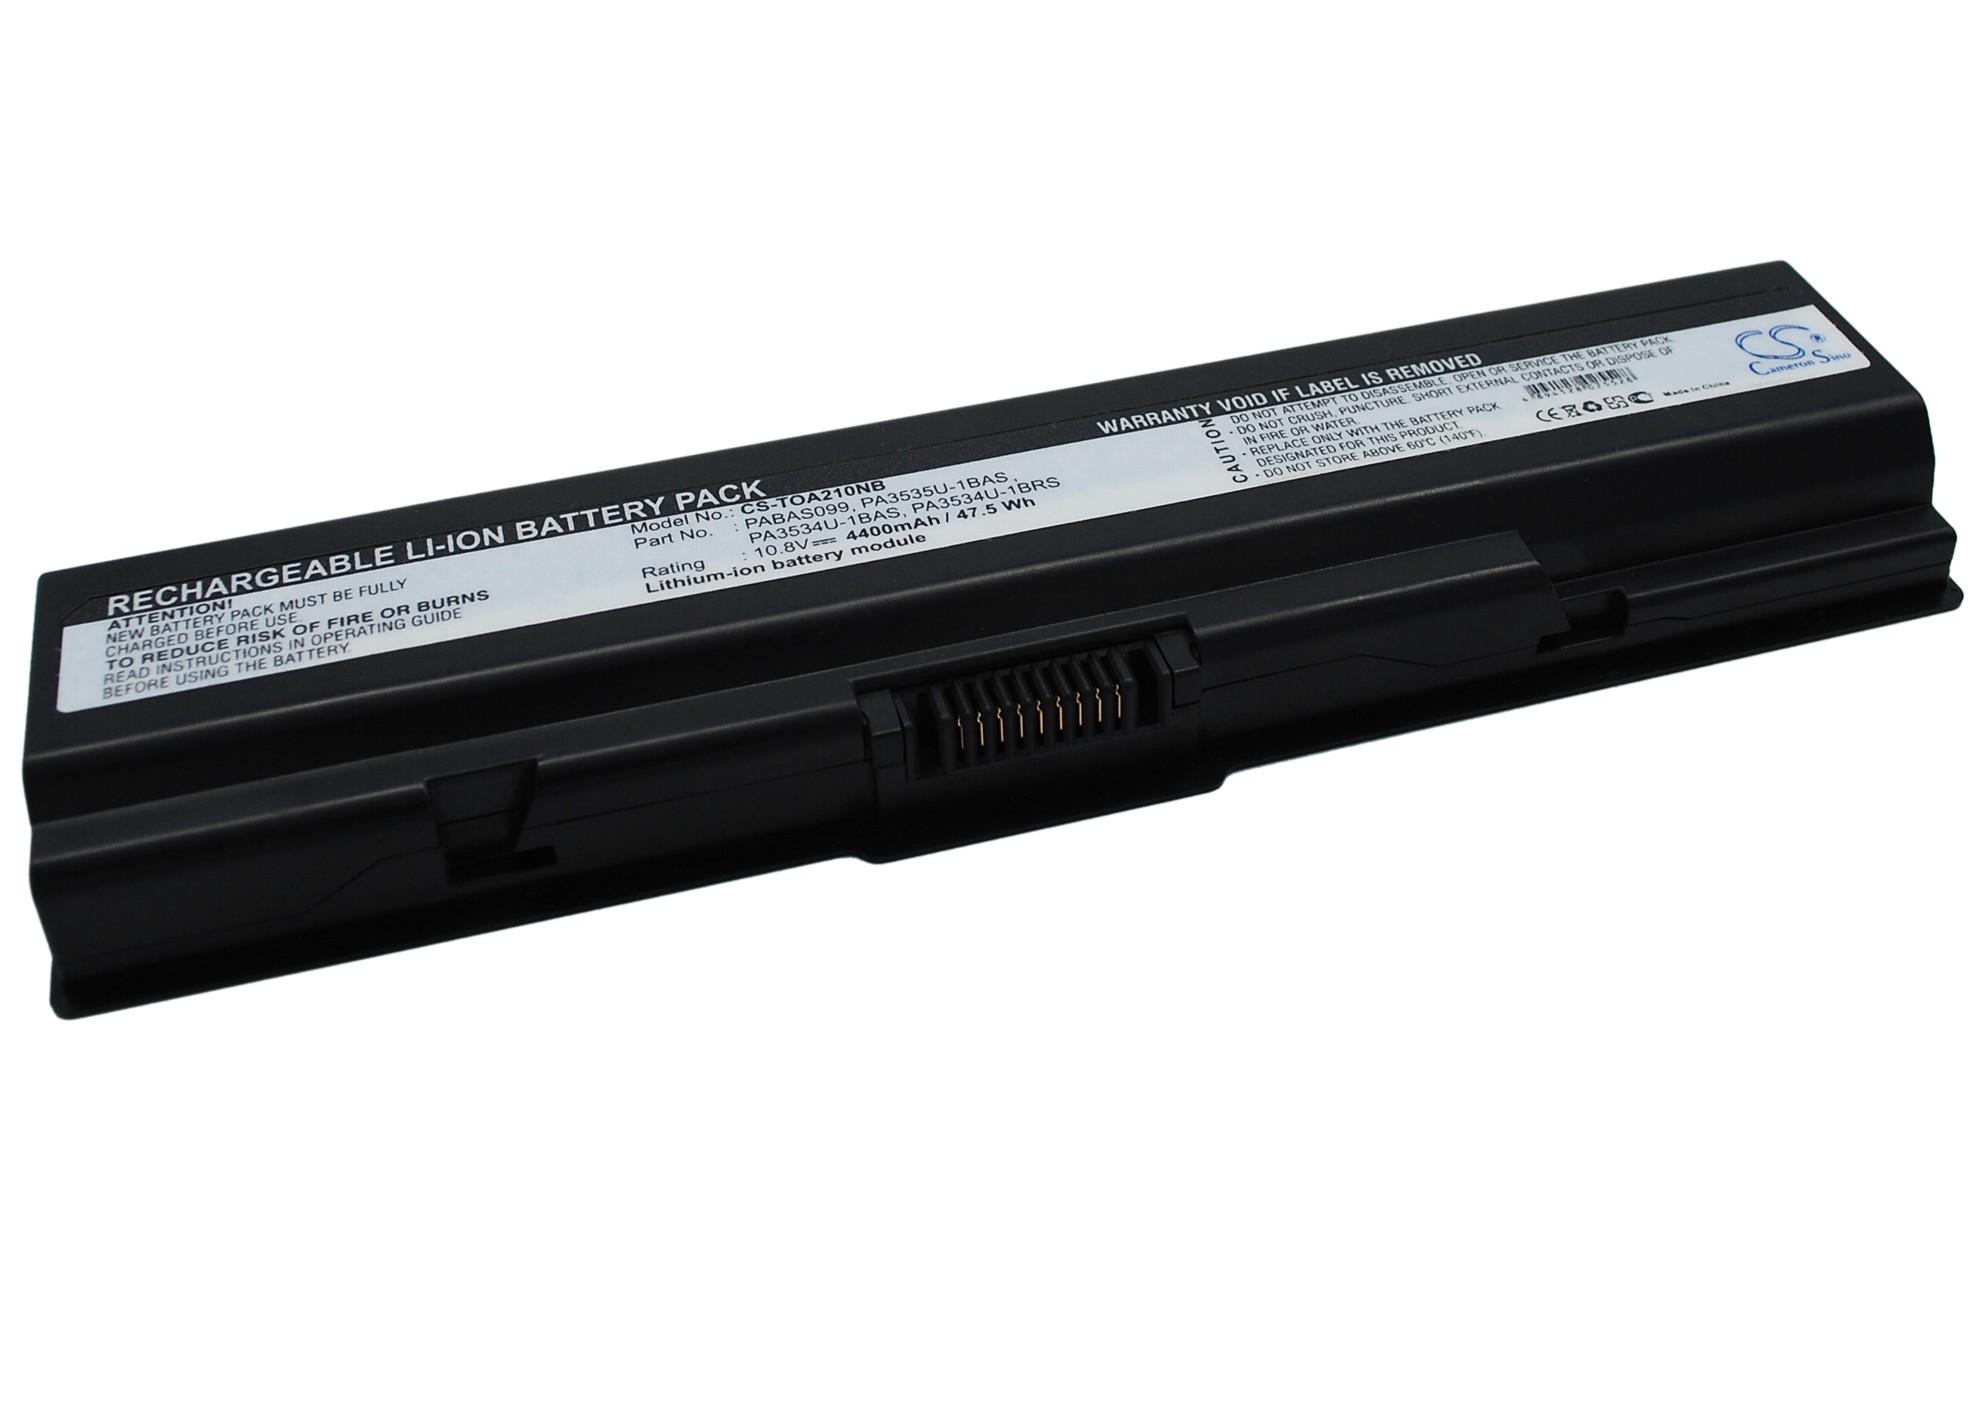 Cameron Sino baterie do notebooků pro TOSHIBA Satellite L505 10.8V Li-ion 4400mAh černá - neoriginální